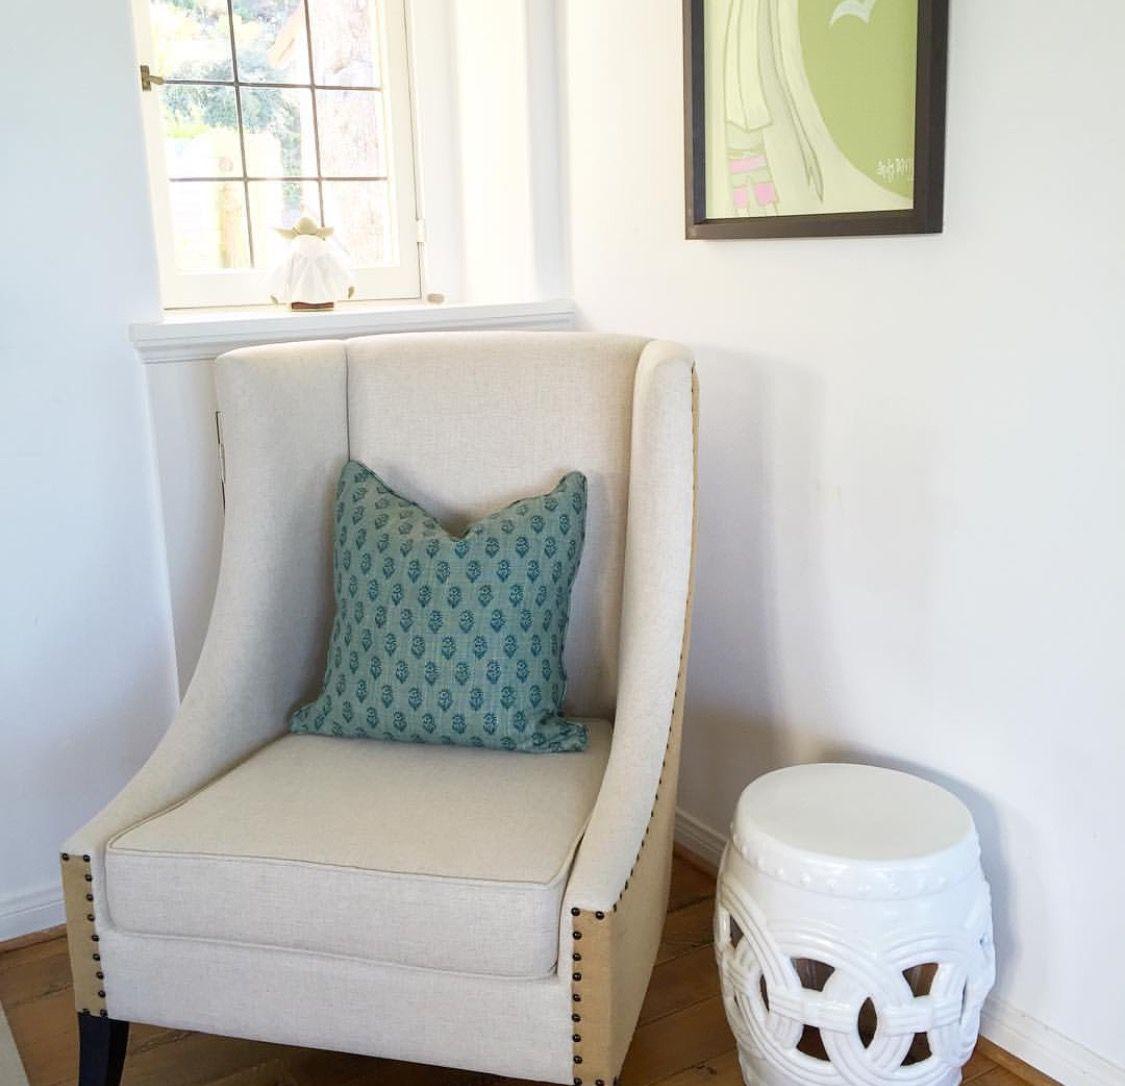 Peter Dunham Rajmata Tonal Blue/blue Pillow, Noir Chair, Wisteria Garden  Stool By